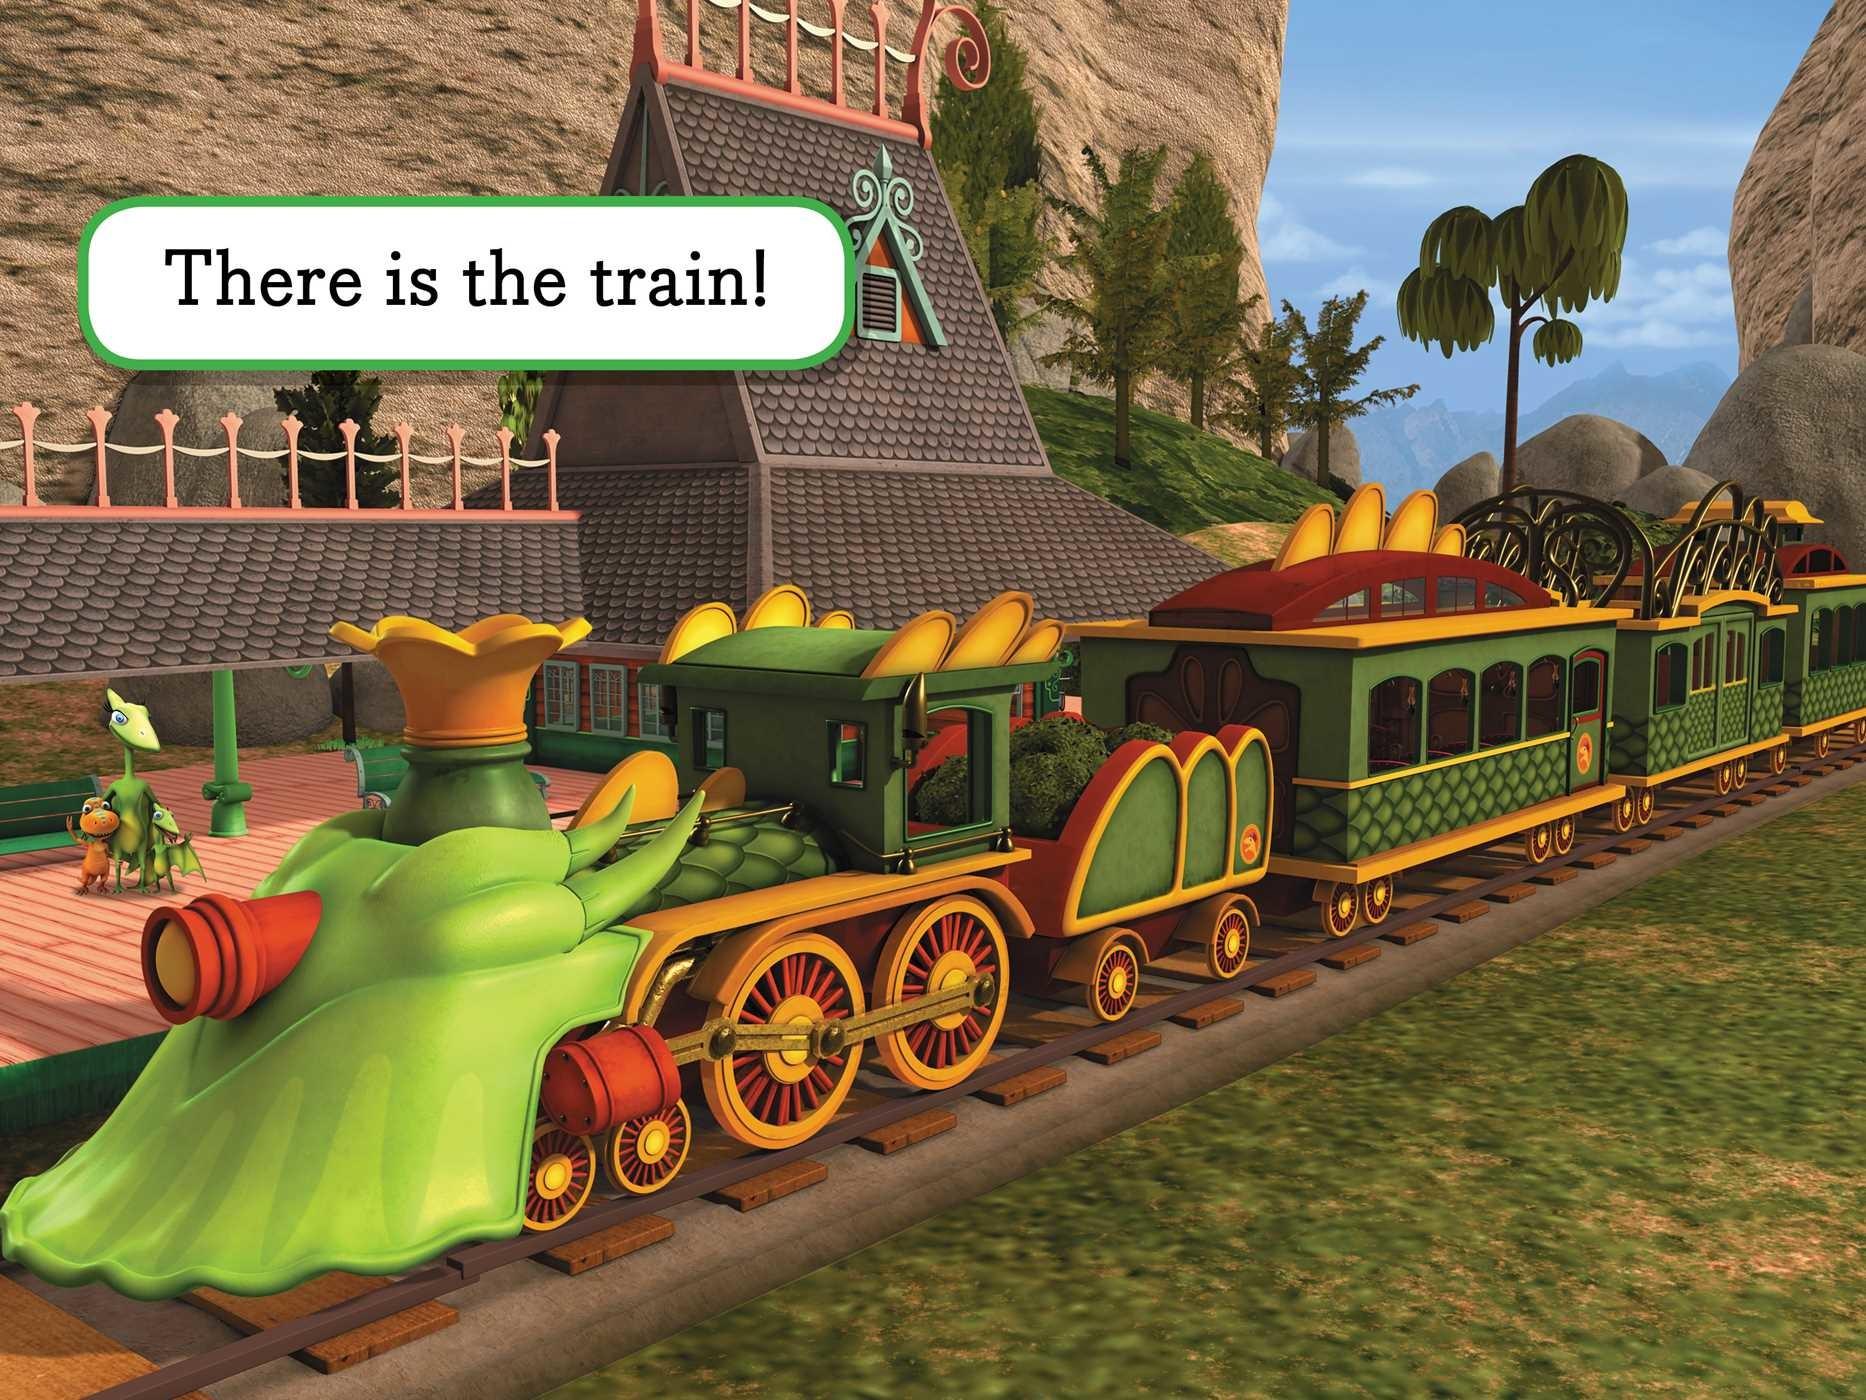 Train ride fun 9781534413337.in02